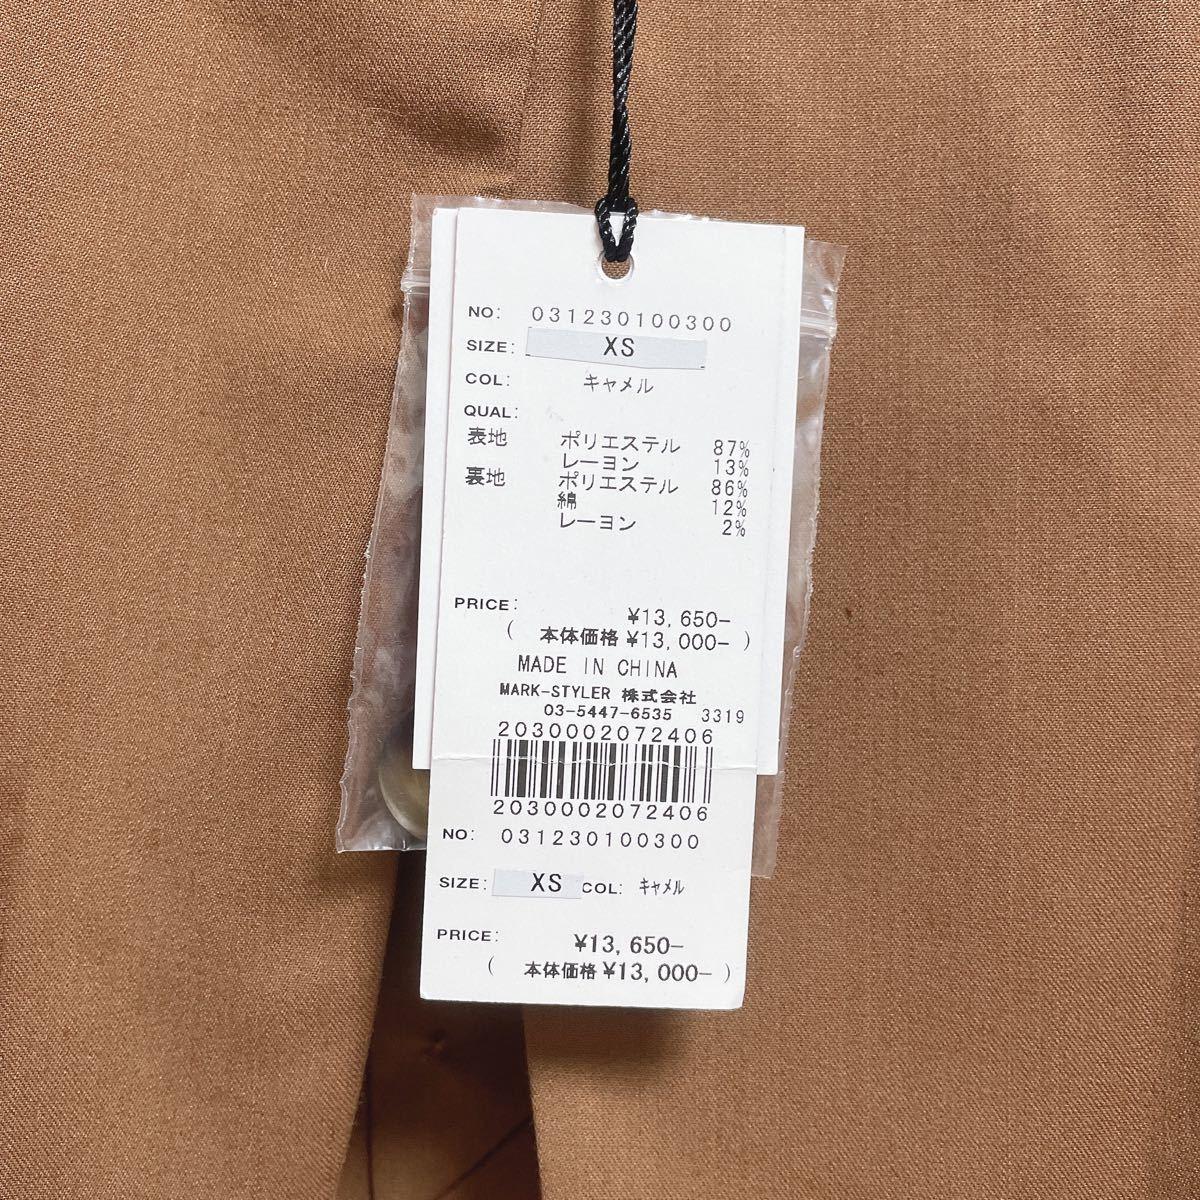 テーラードジャケット レディース アウター 上着 スーツ ラグナムーン 新品 未使用 XS  Laguna Moon ブラウン